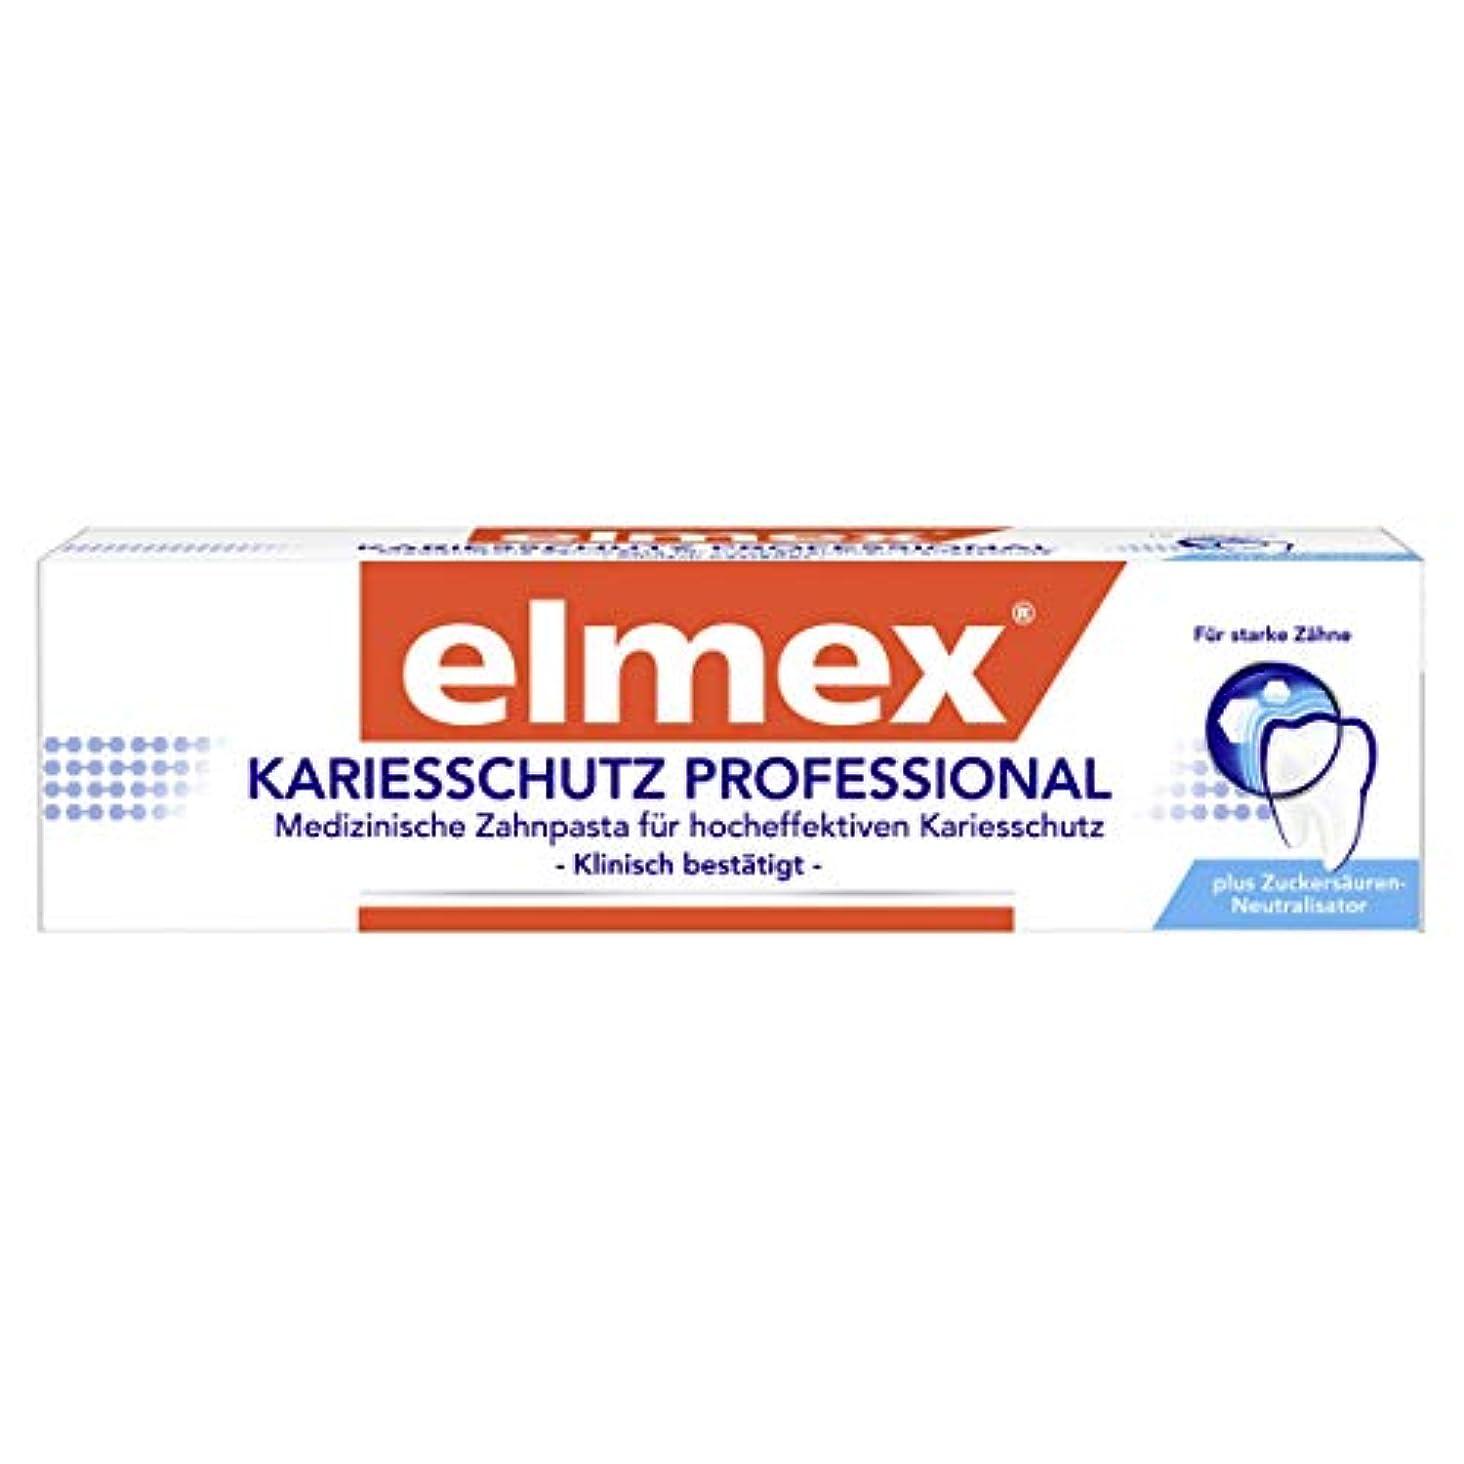 複雑な痛み意味3本セット elmex エルメックス 虫歯予防 プロフェッショナル 歯磨き粉 75ml【並行輸入品】